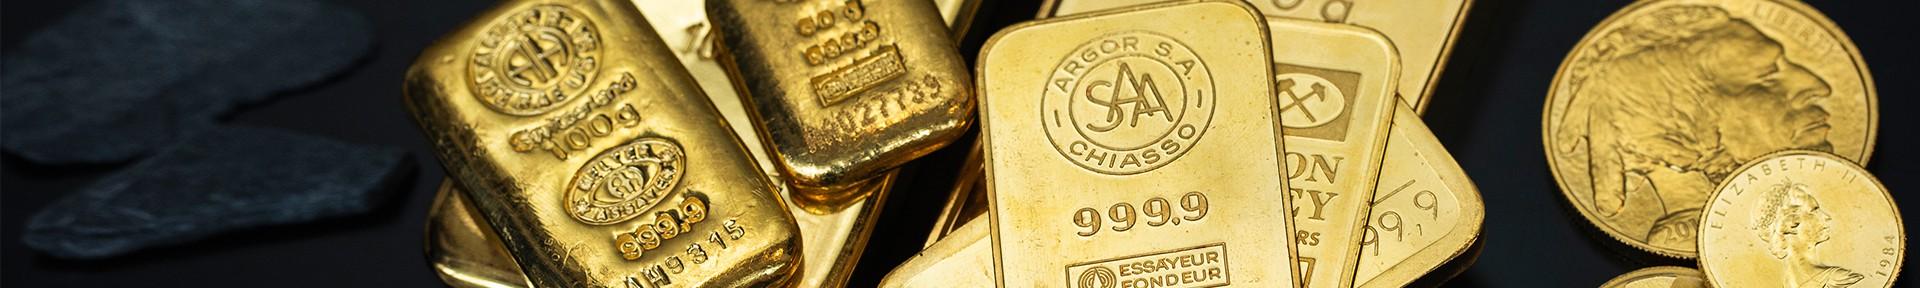 Koop uw goud gemakkelijk en snel online bij Goudwisselkantoor